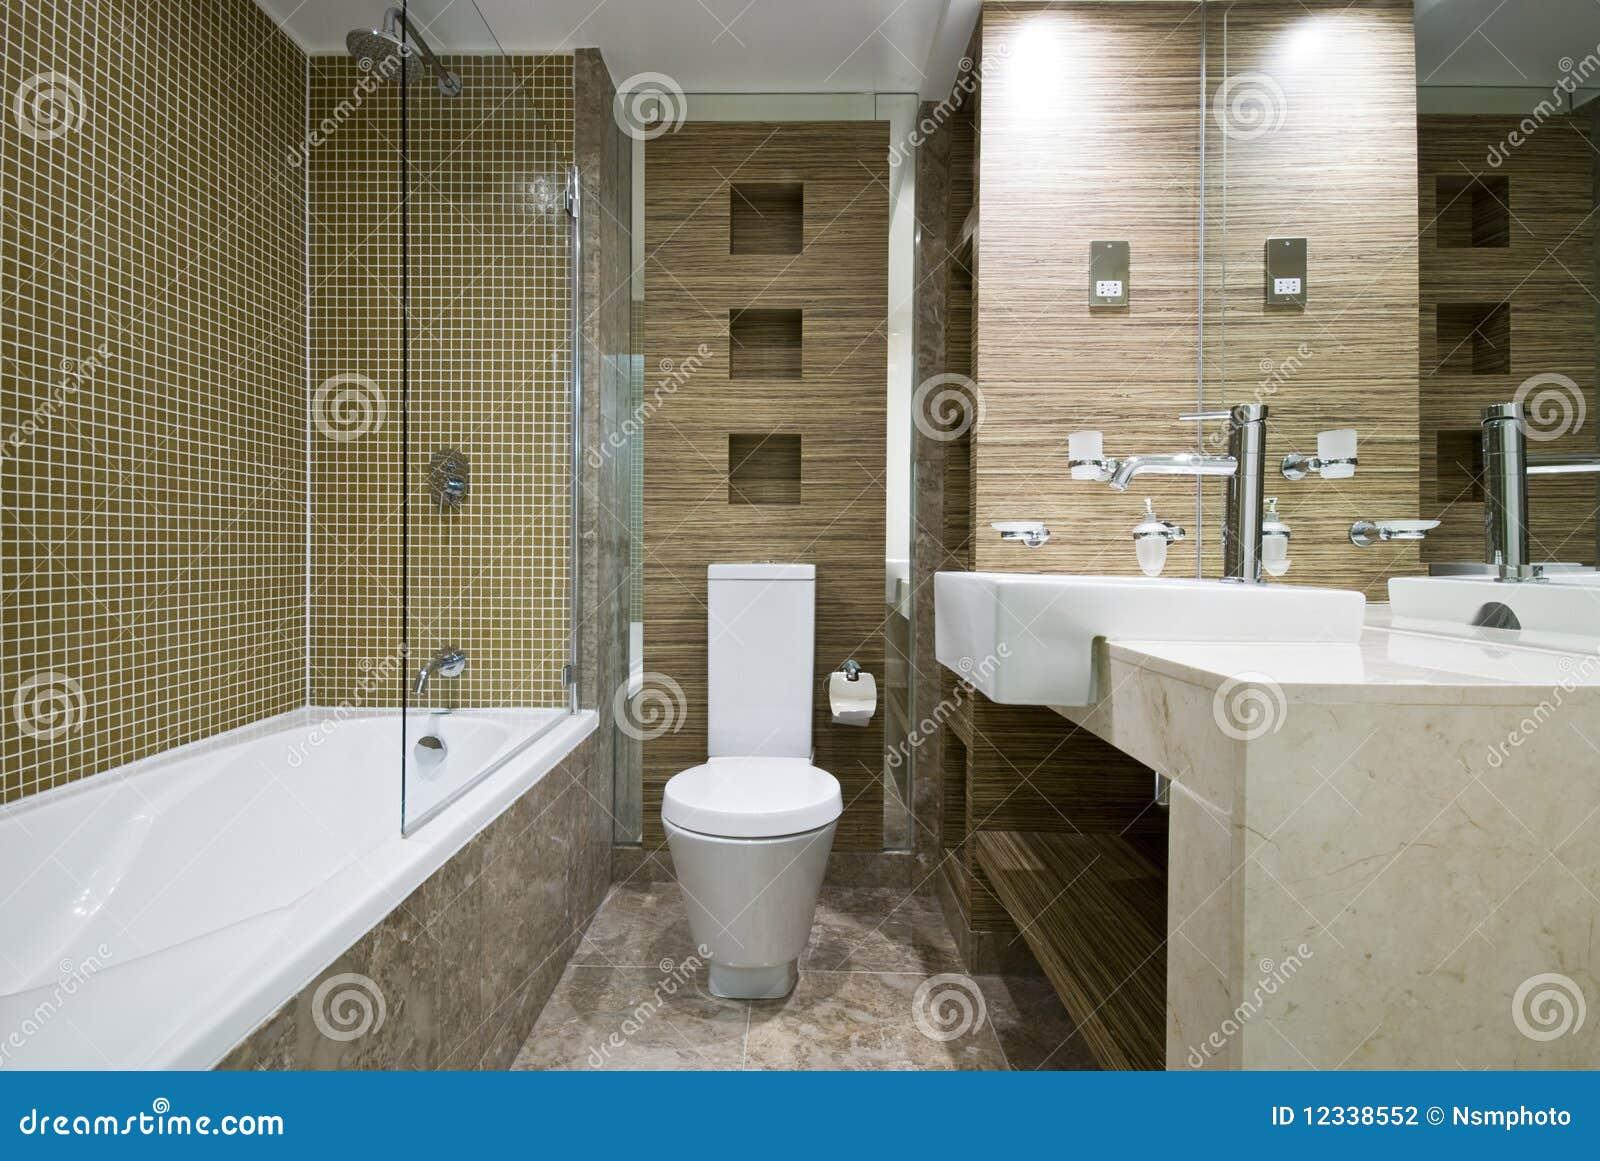 Moderne badkamers met marmeren vloer stock fotografie afbeelding 12338552 - Marmeren douche ...